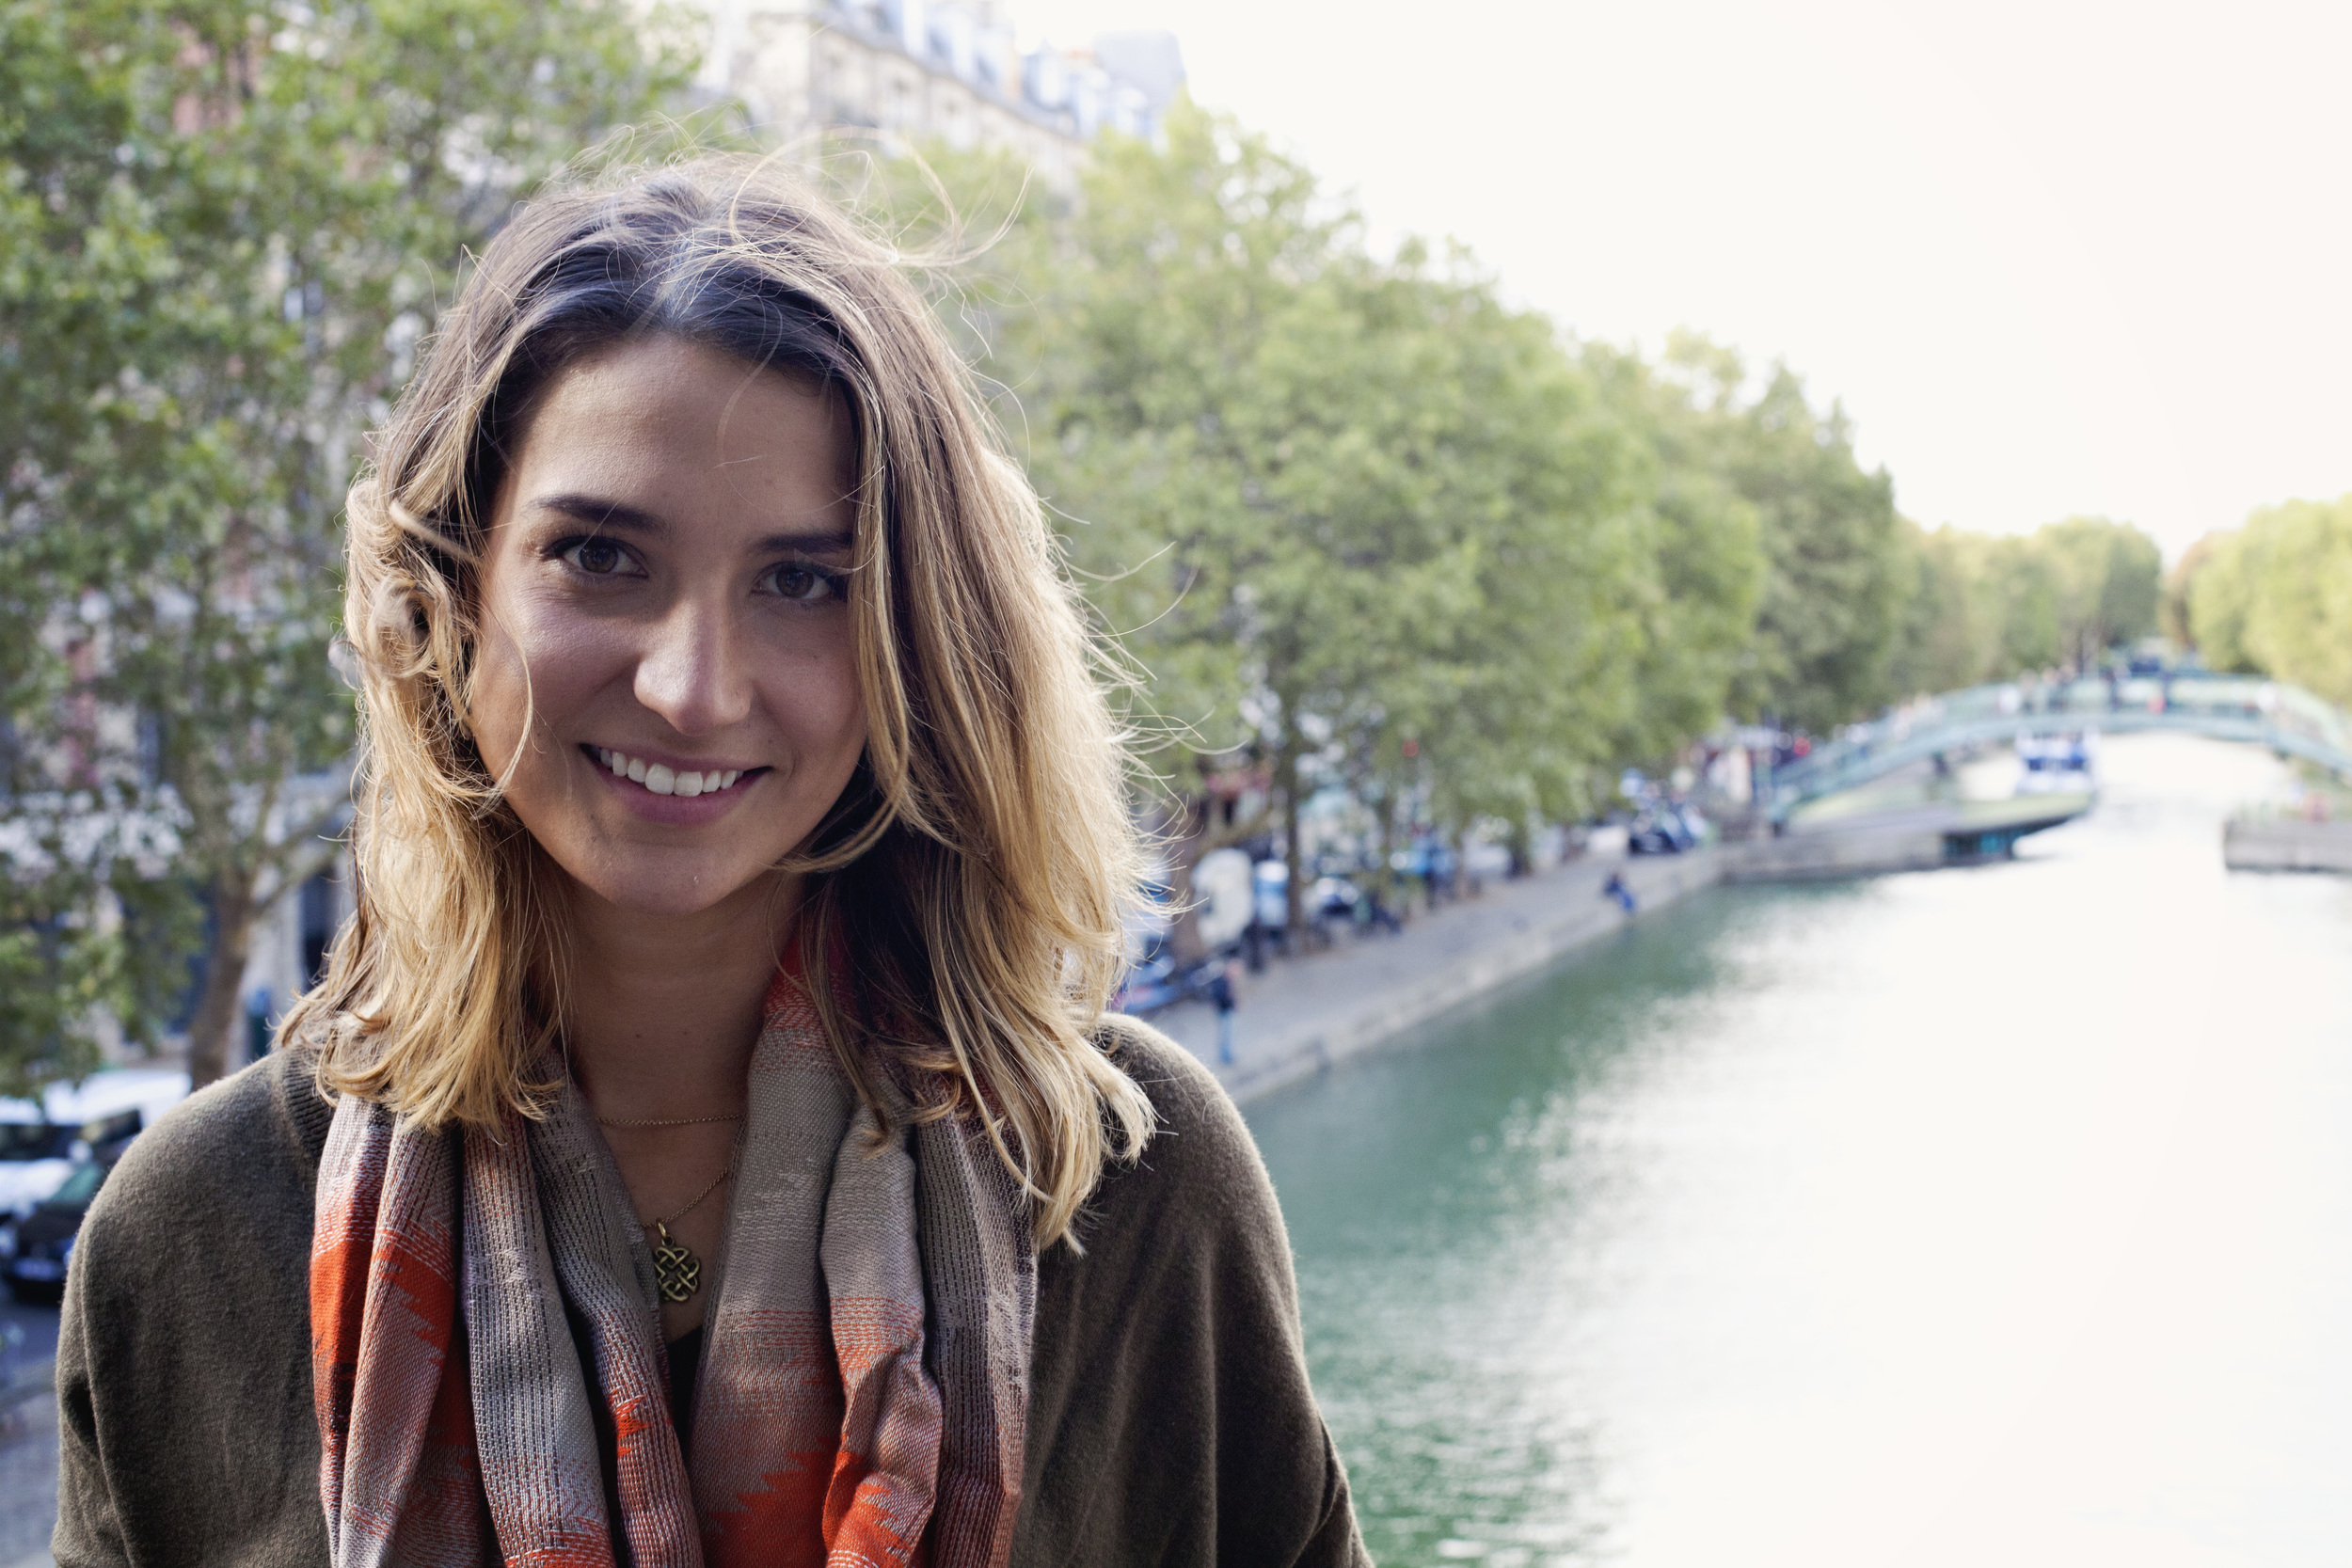 Paris_20121005_0451_1